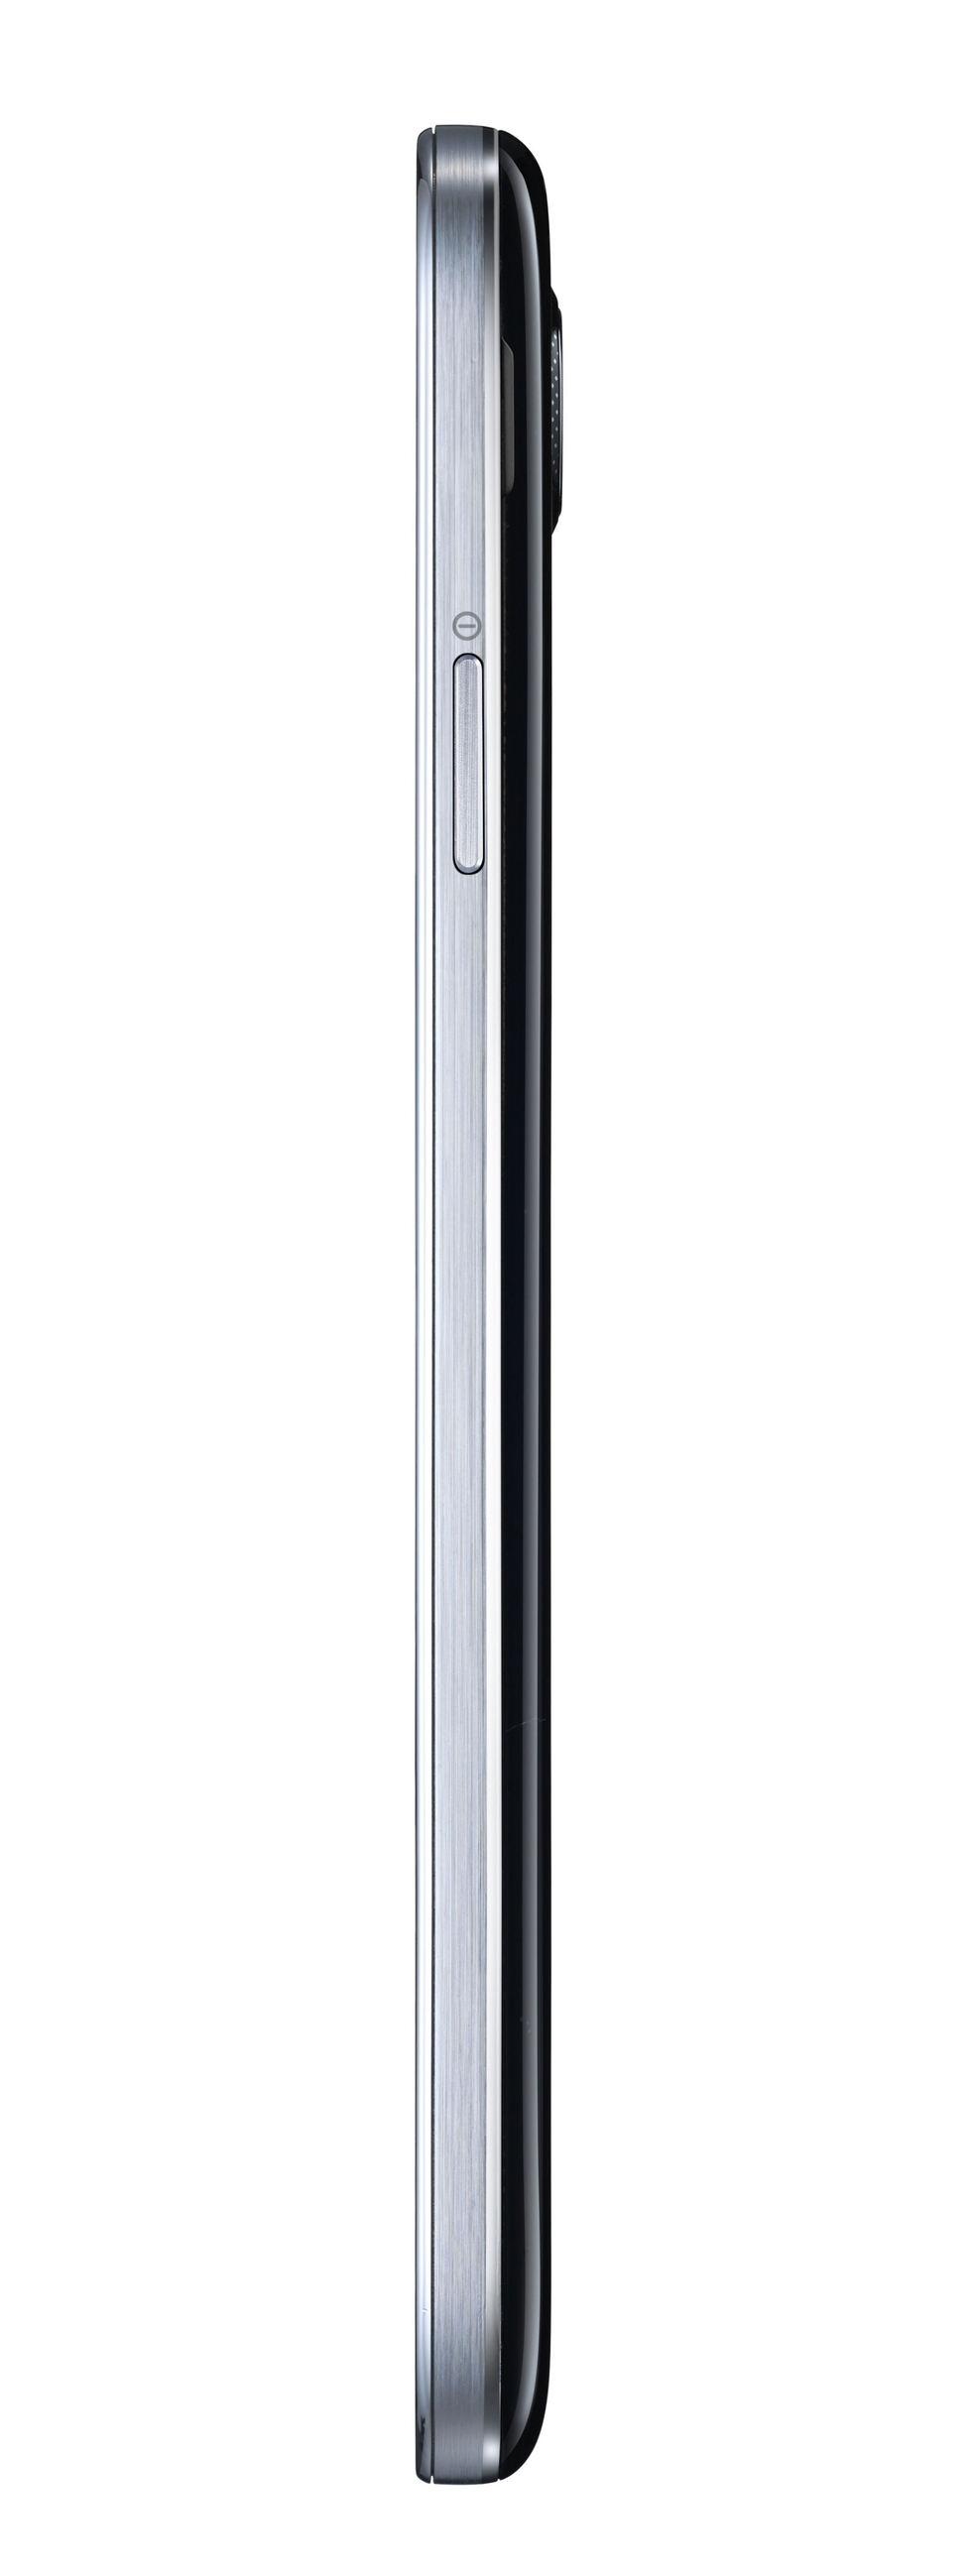 Lateral derecho del Samsung Galaxy S4 Negro